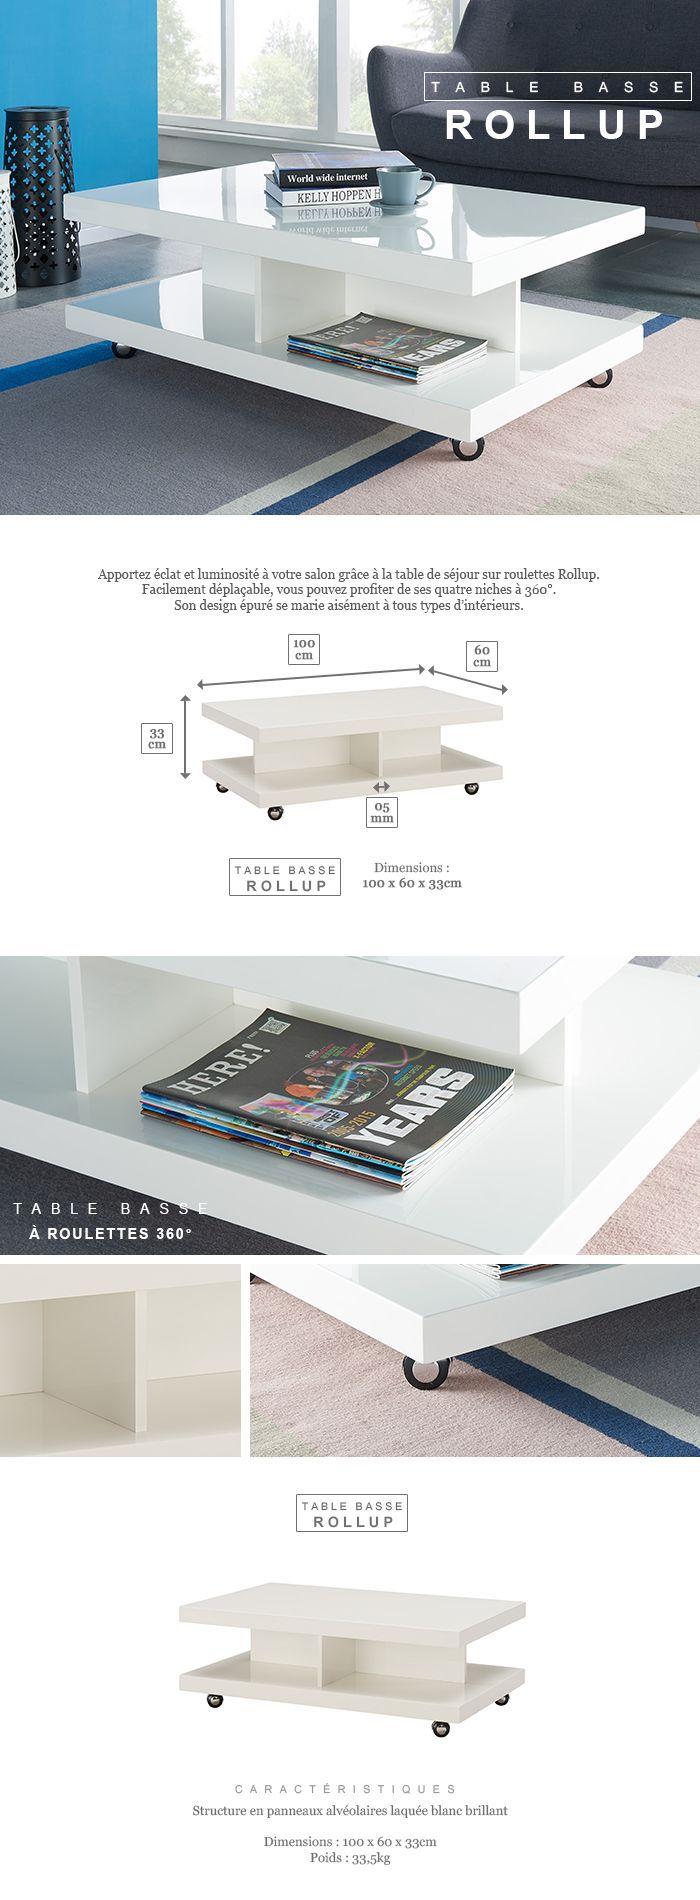 Mettre Des Roulettes Sous Une Table rollup table basse sur roulettes style contemporain laqué